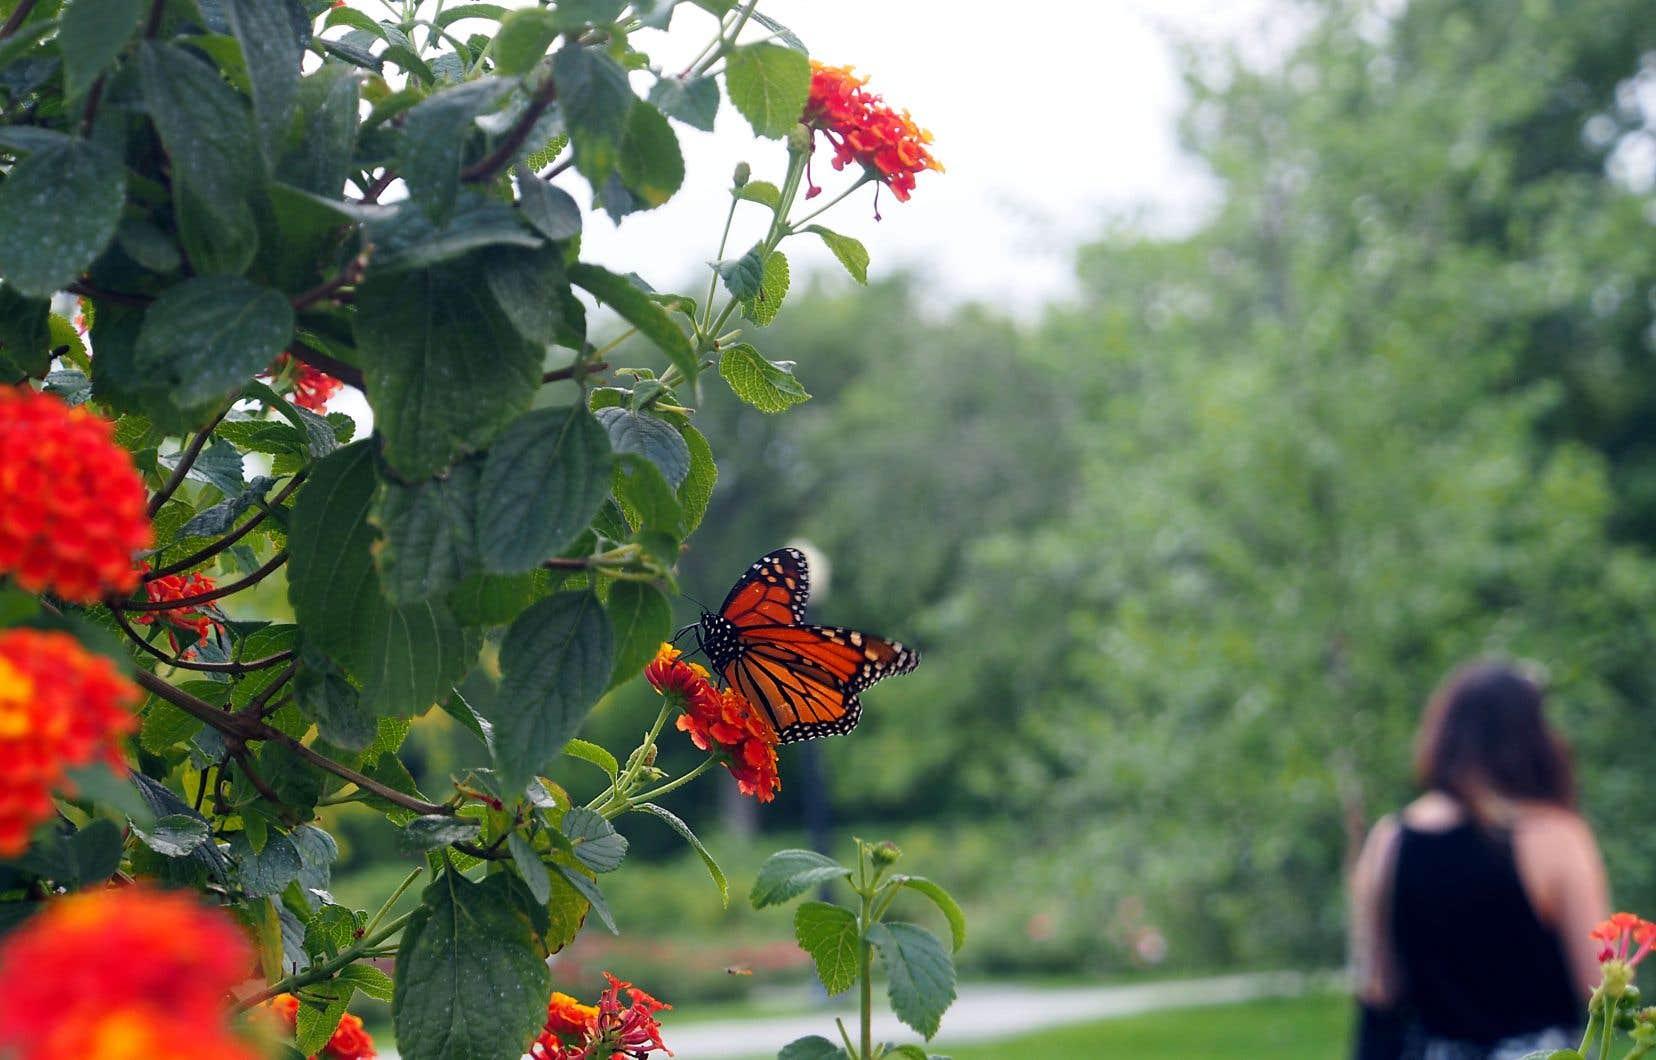 Bac Pour Arbuste De Jardin inviter les papillons au jardin | le devoir